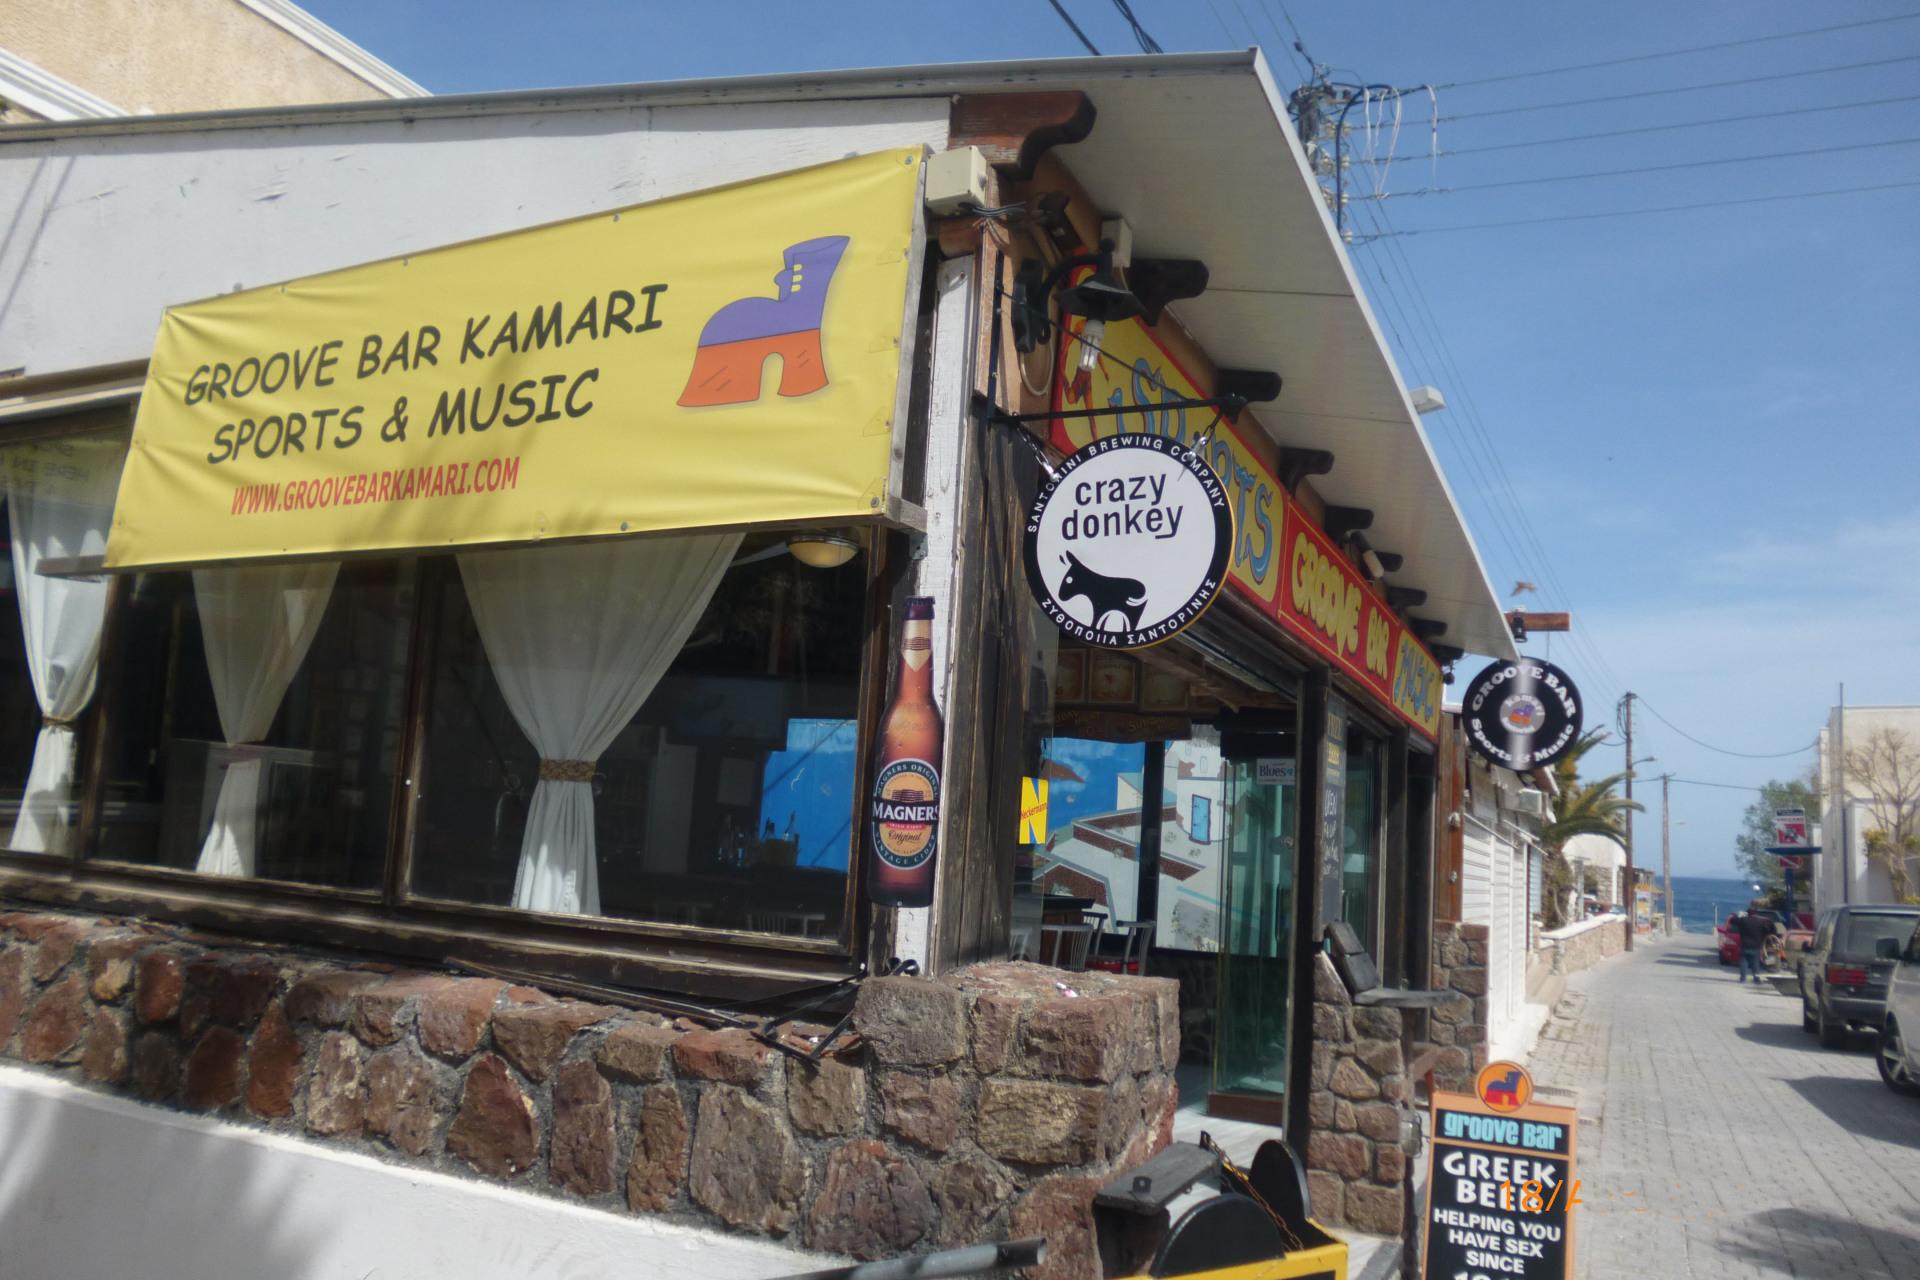 Groove Bar Kamari, Santorini - Sports & Music Bar